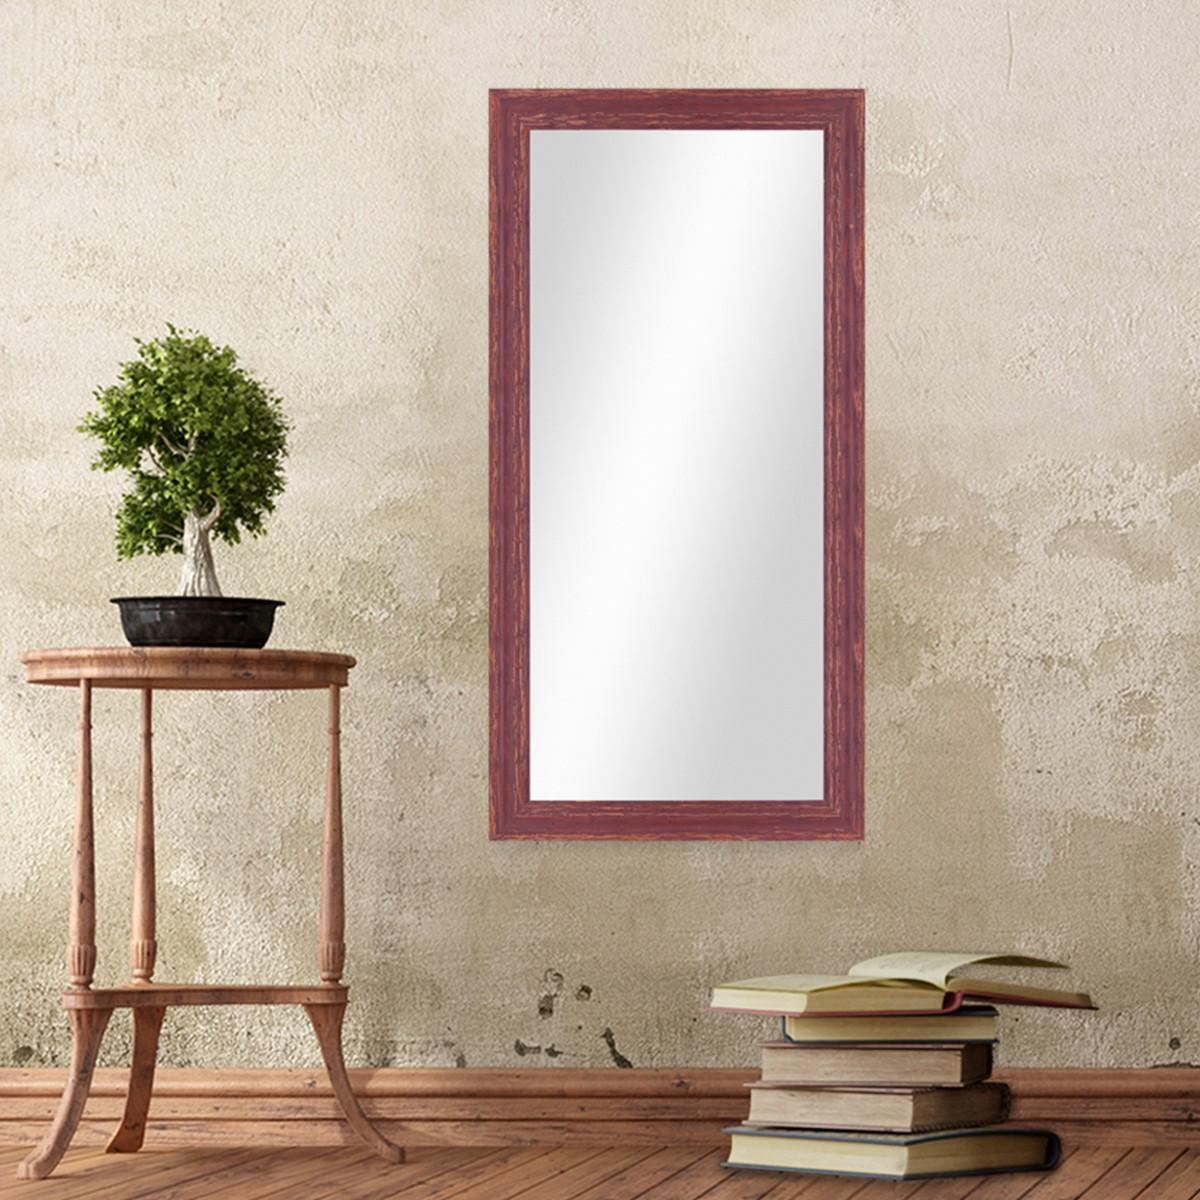 wand spiegel 36x66 cm im holzrahmen rot braun shabby chic vintage spiegelfl che 30x60 cm spiegel. Black Bedroom Furniture Sets. Home Design Ideas